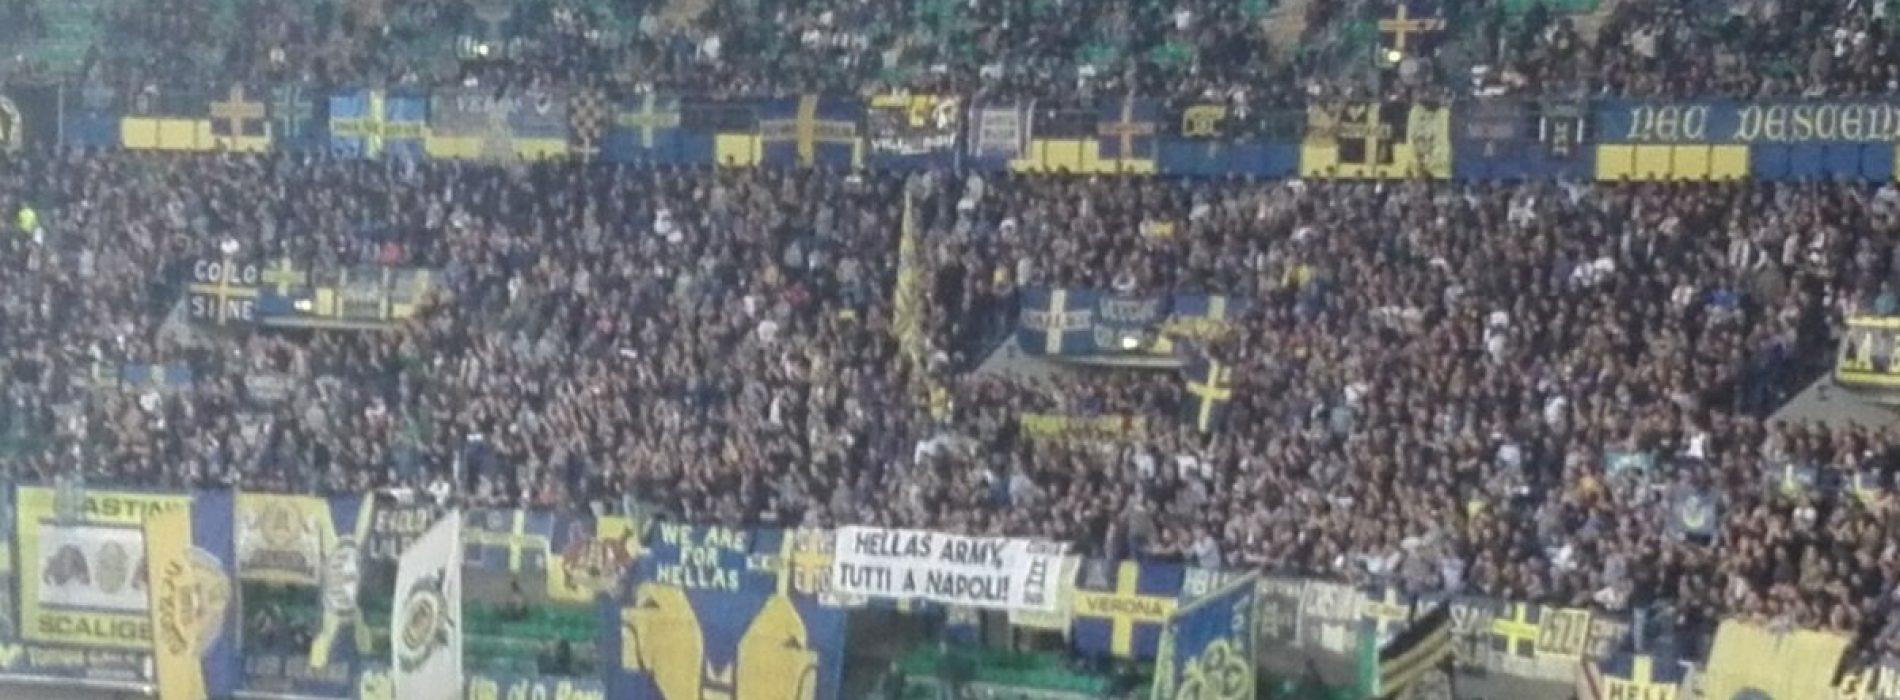 Verona a Napoli, tifosi Hellas Army pronti alla trasferta [FOTO]